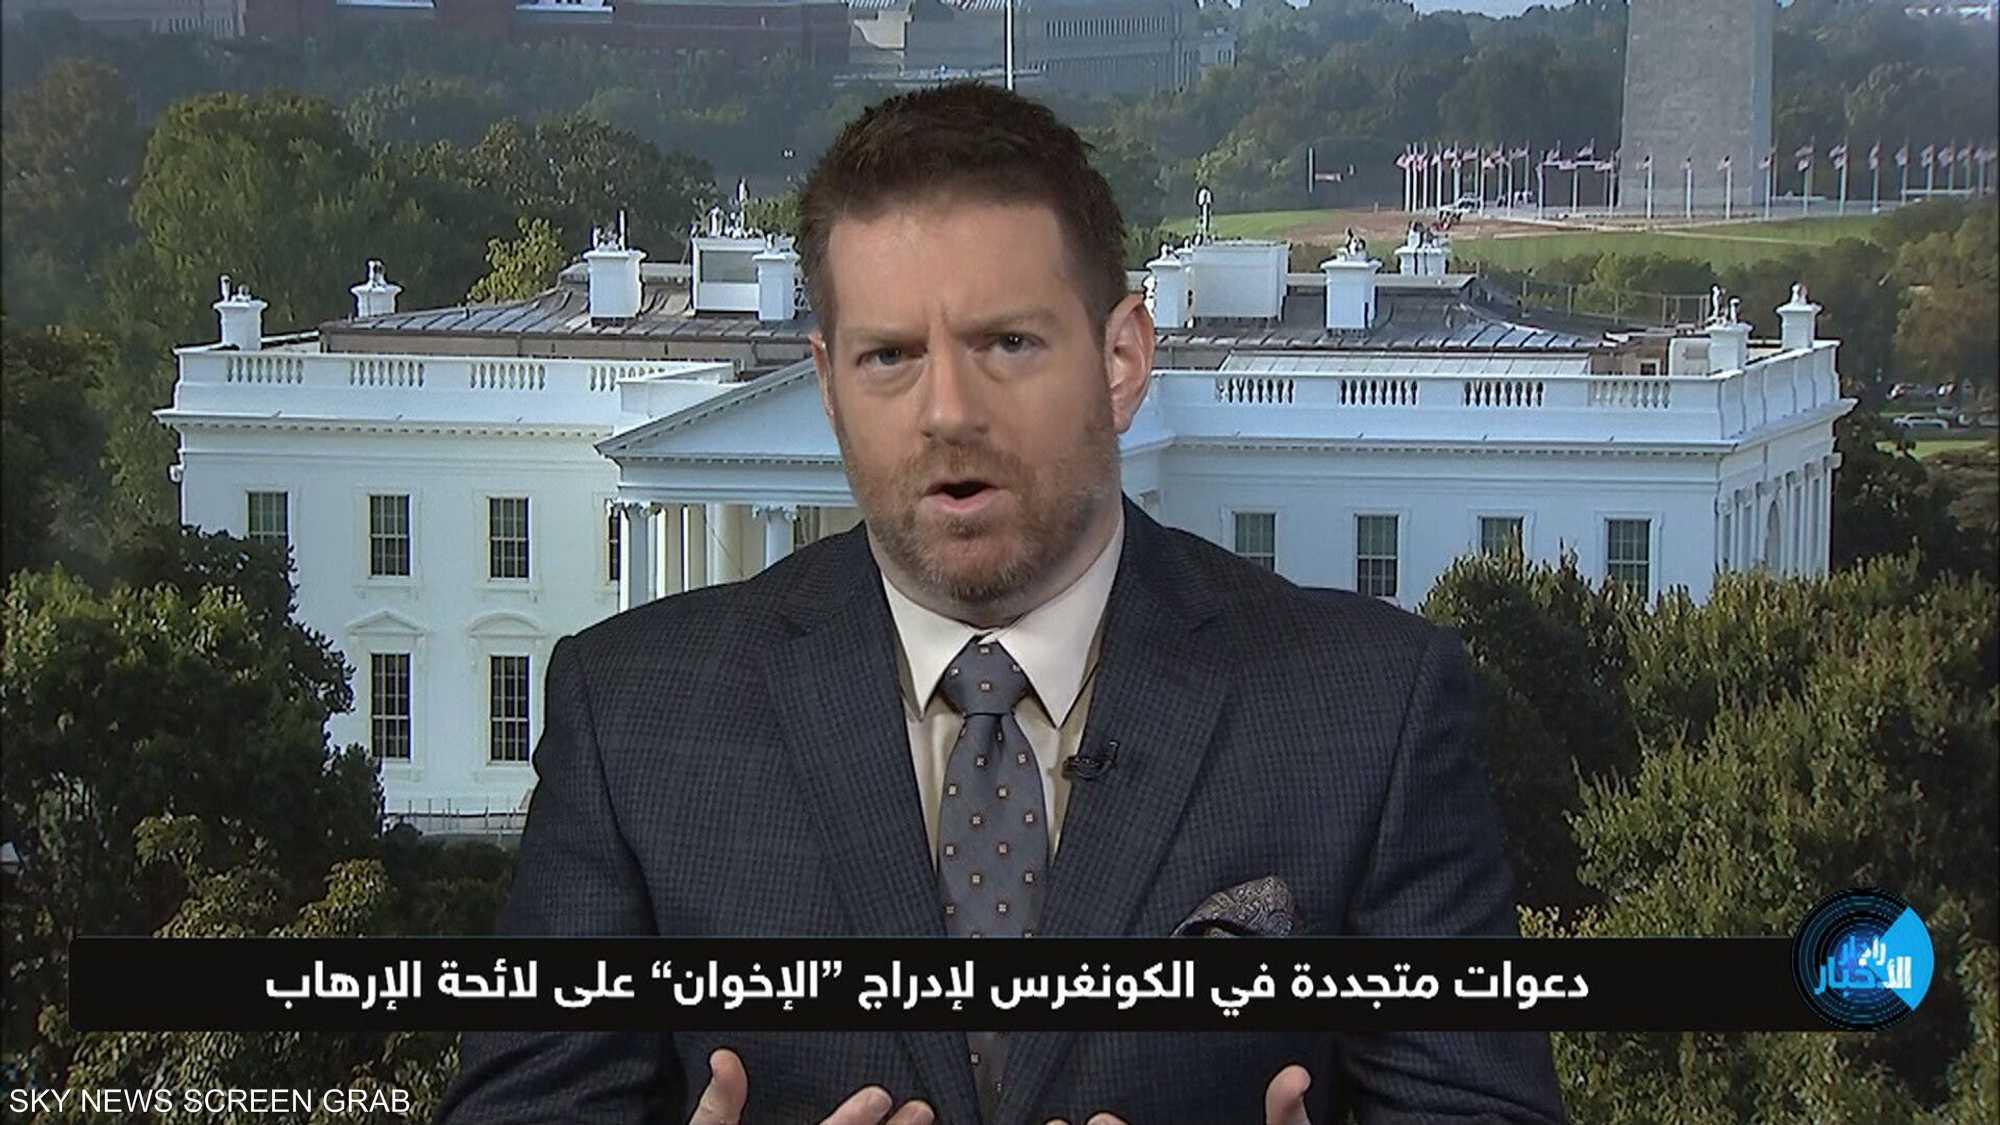 دعوات متجددة في الكونغرس لإدراج {الإخوان} على لائحة الإرهاب